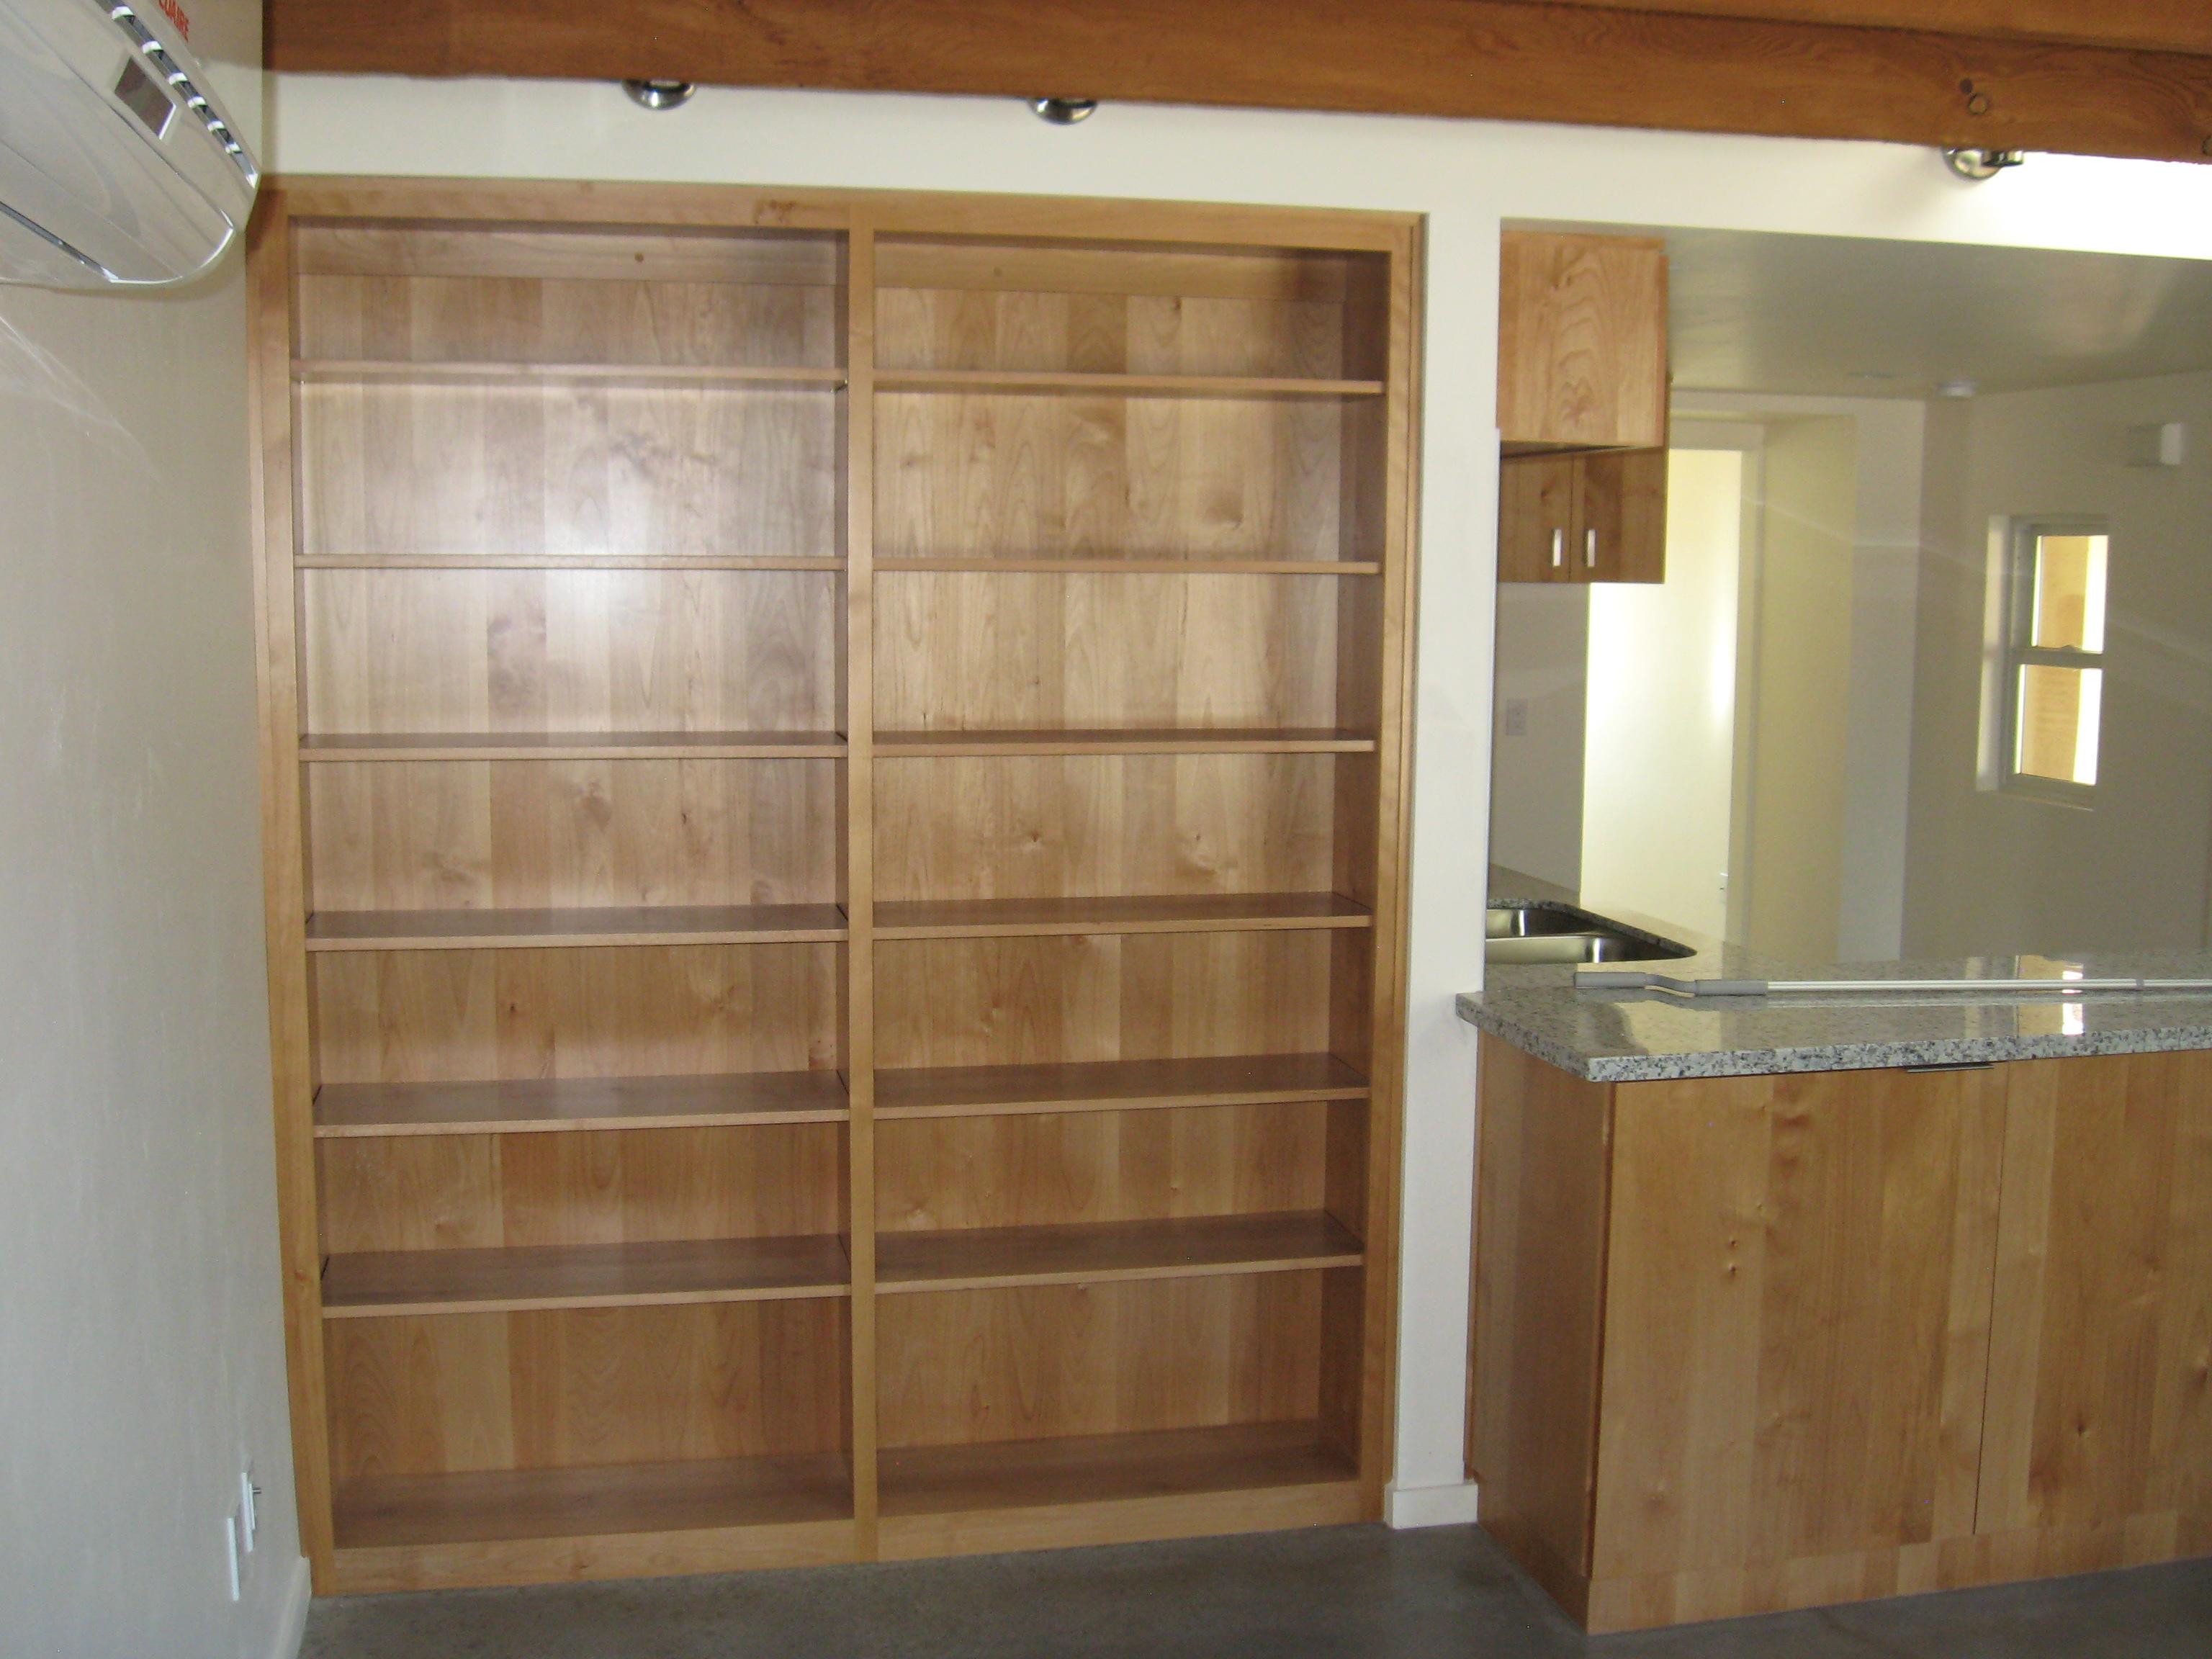 wood built in shelves